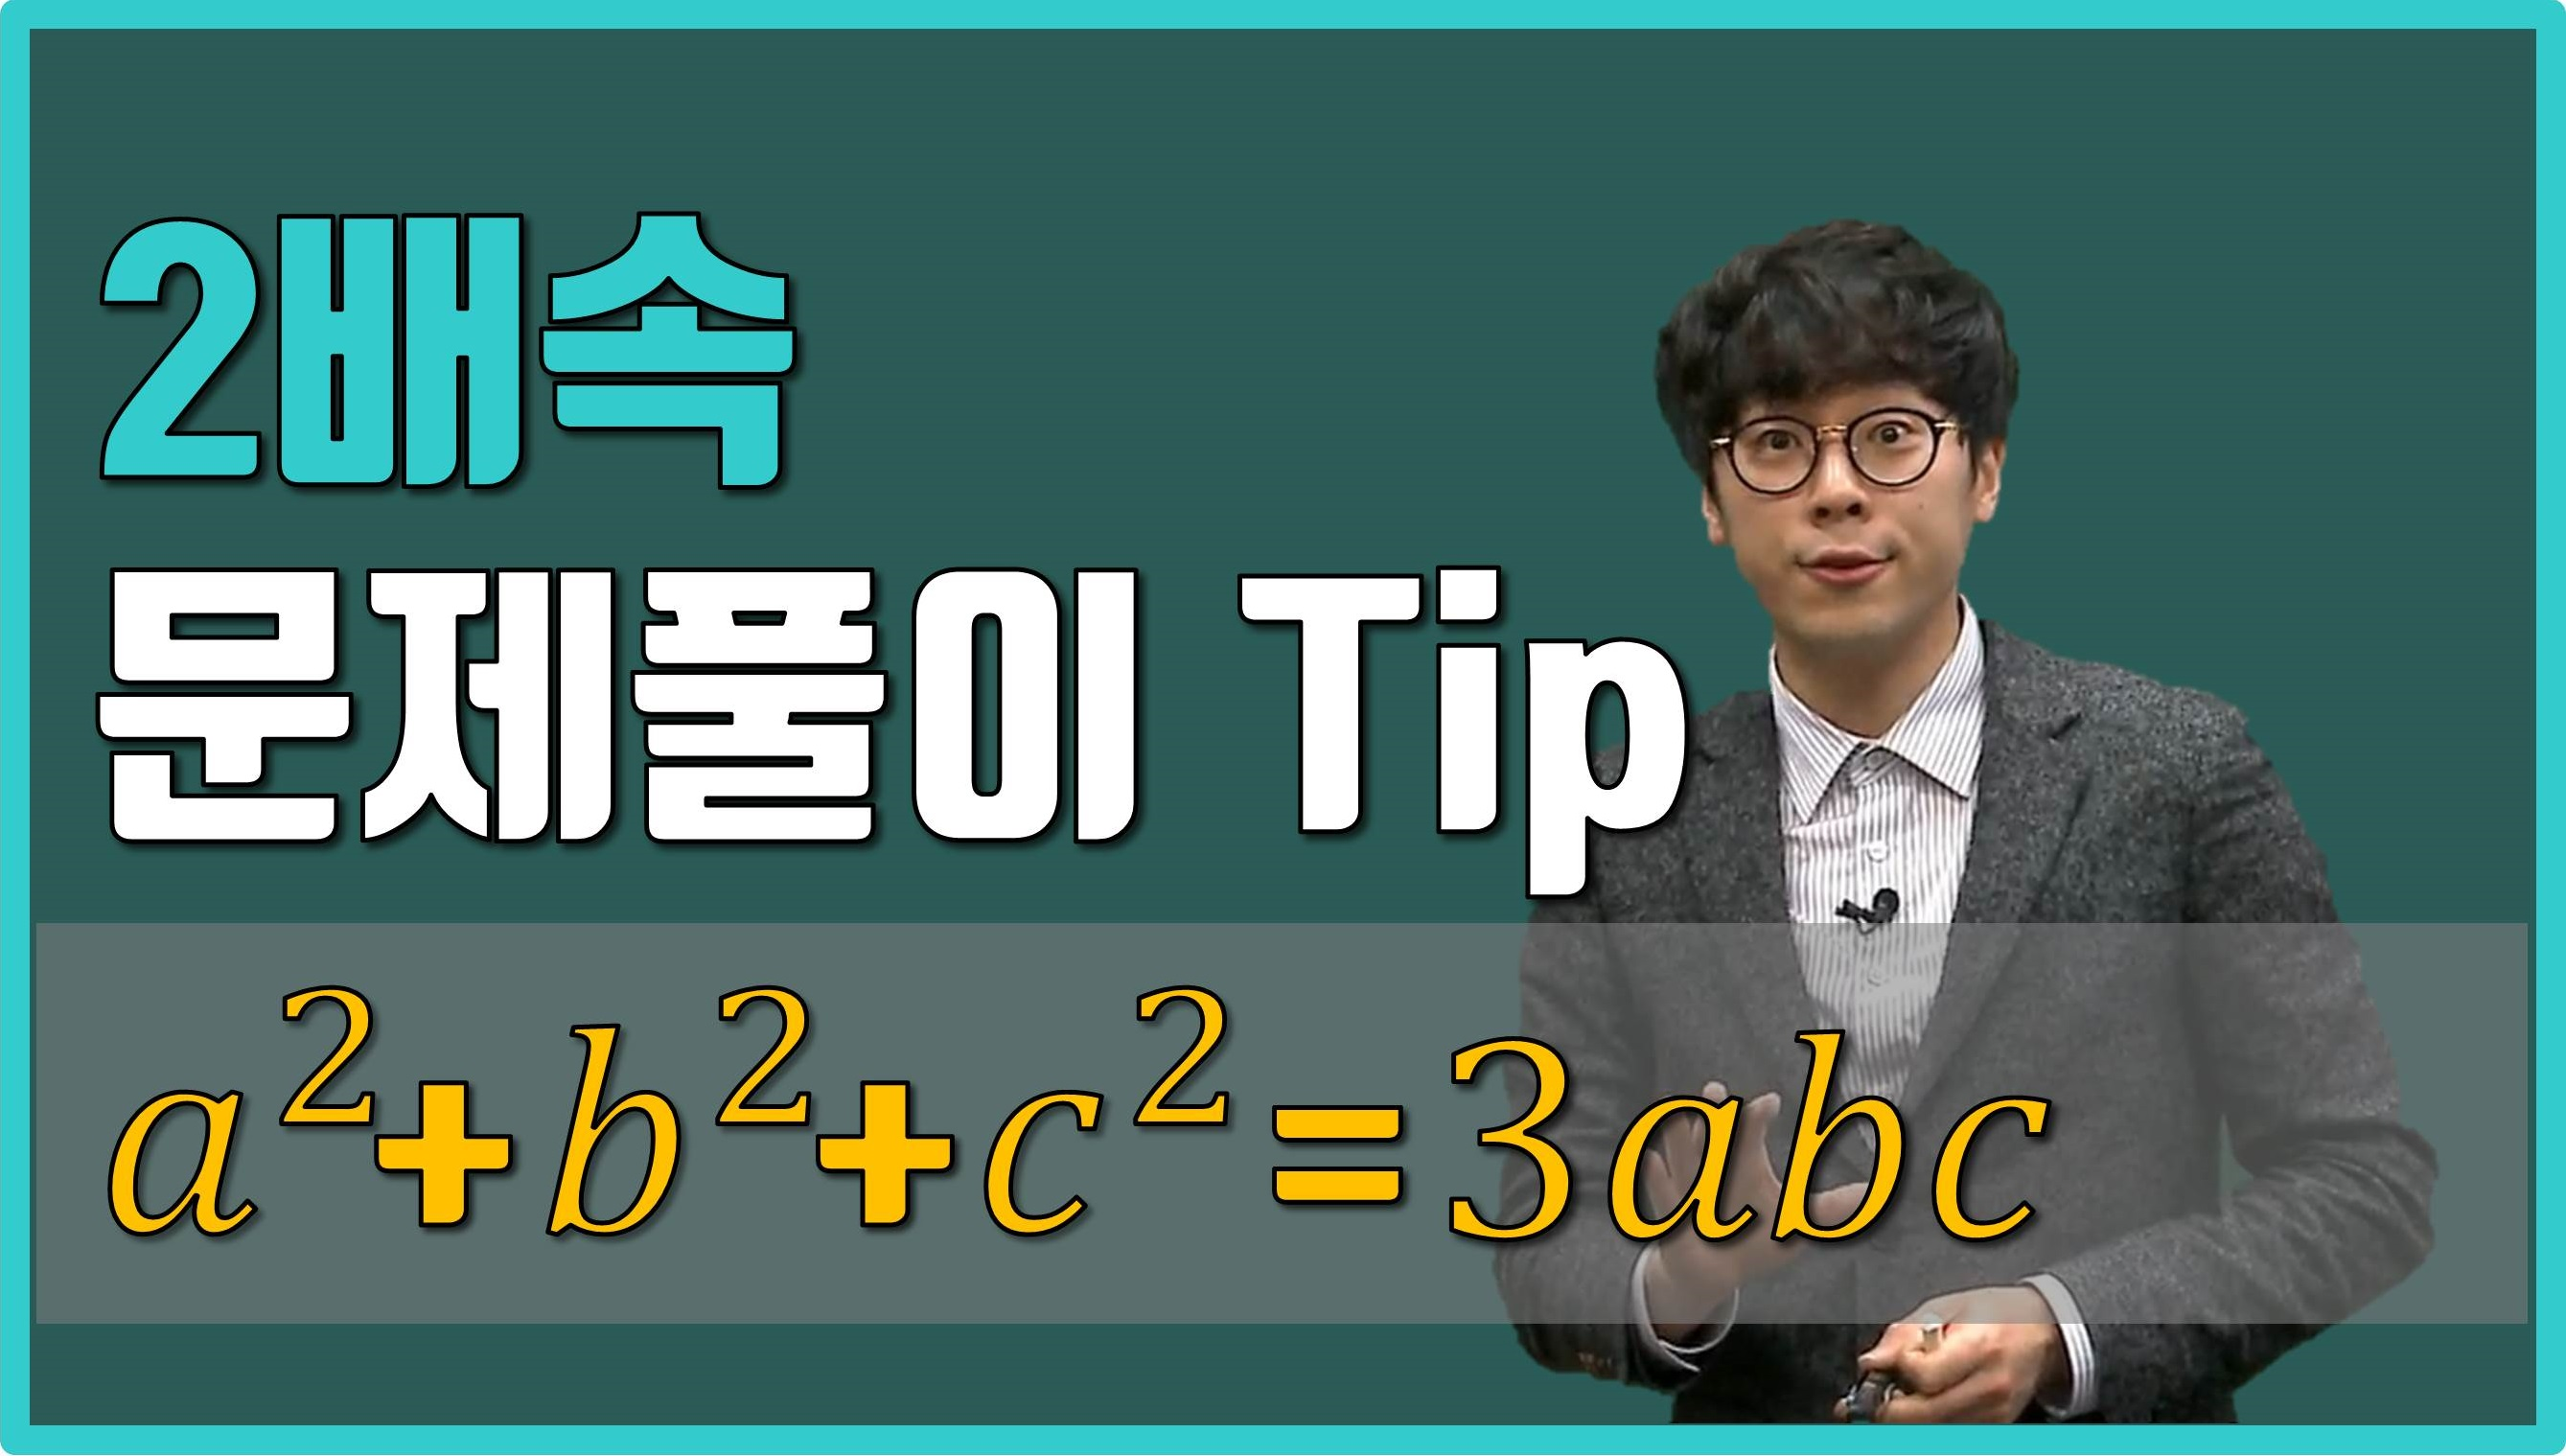 [수학(상)] 2배 빨리 푸는 꿀팁! a^3+b^3+c^3=3abc 유...